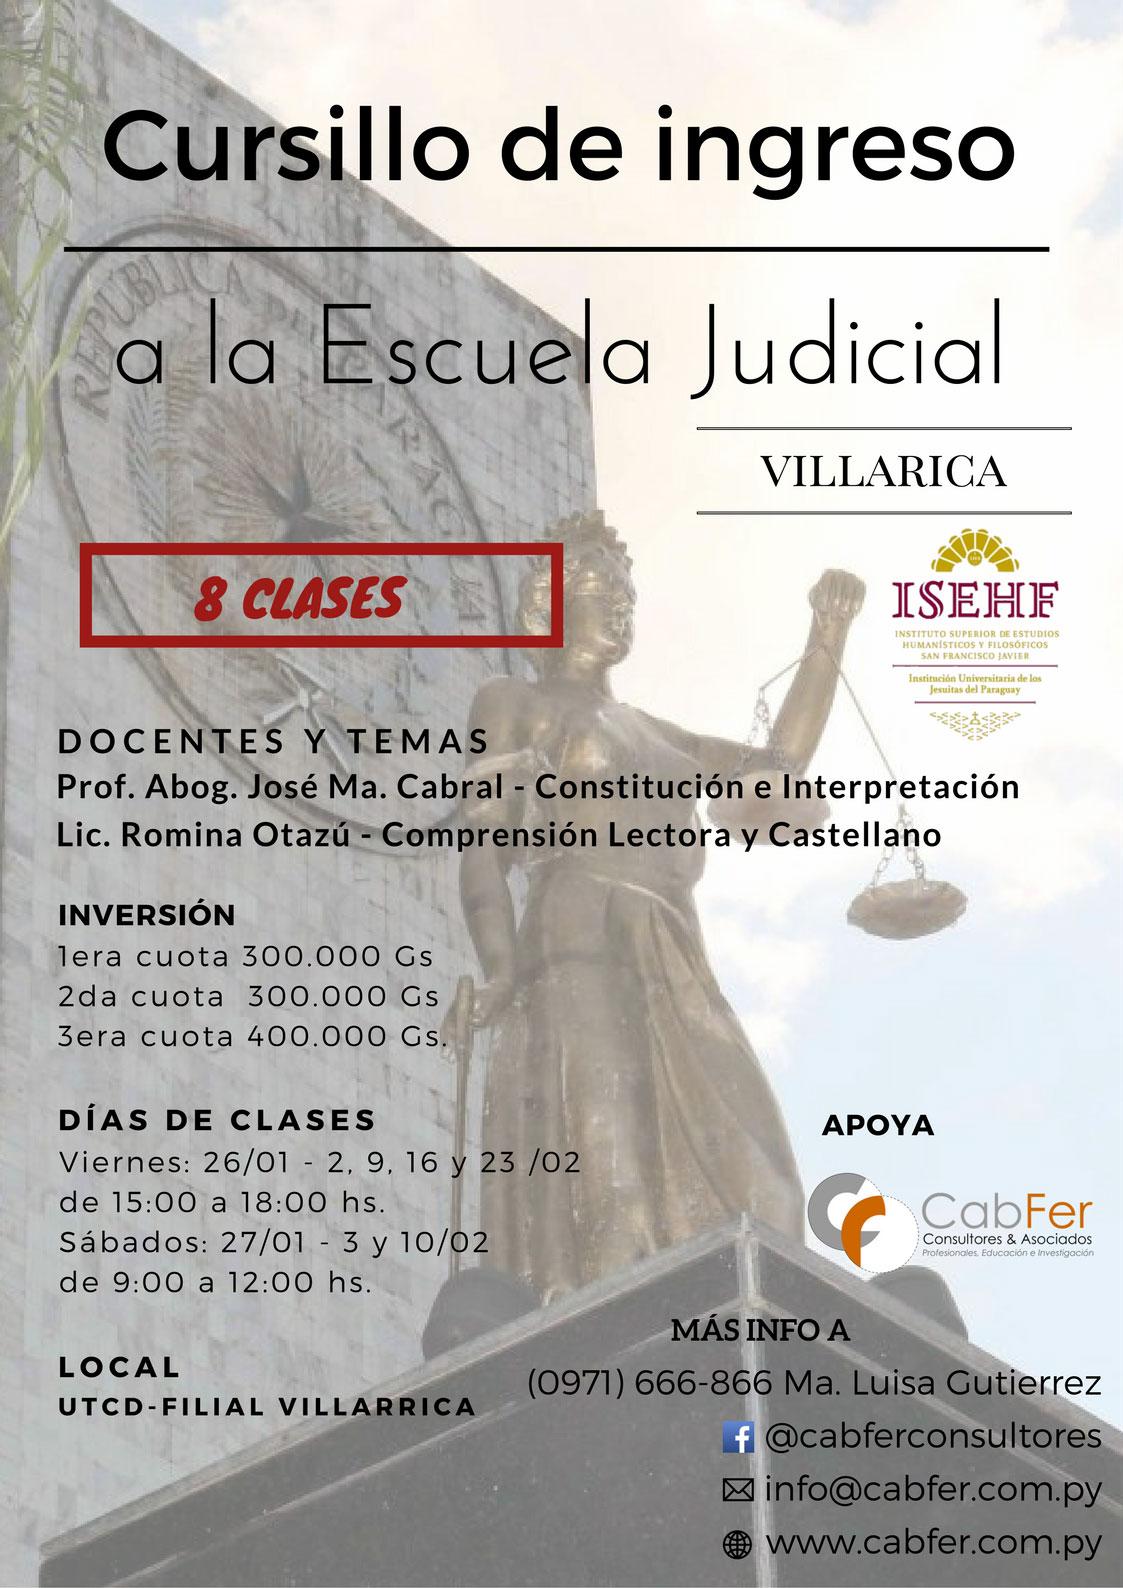 Cursillo-de-ingreso-Villarrica-1